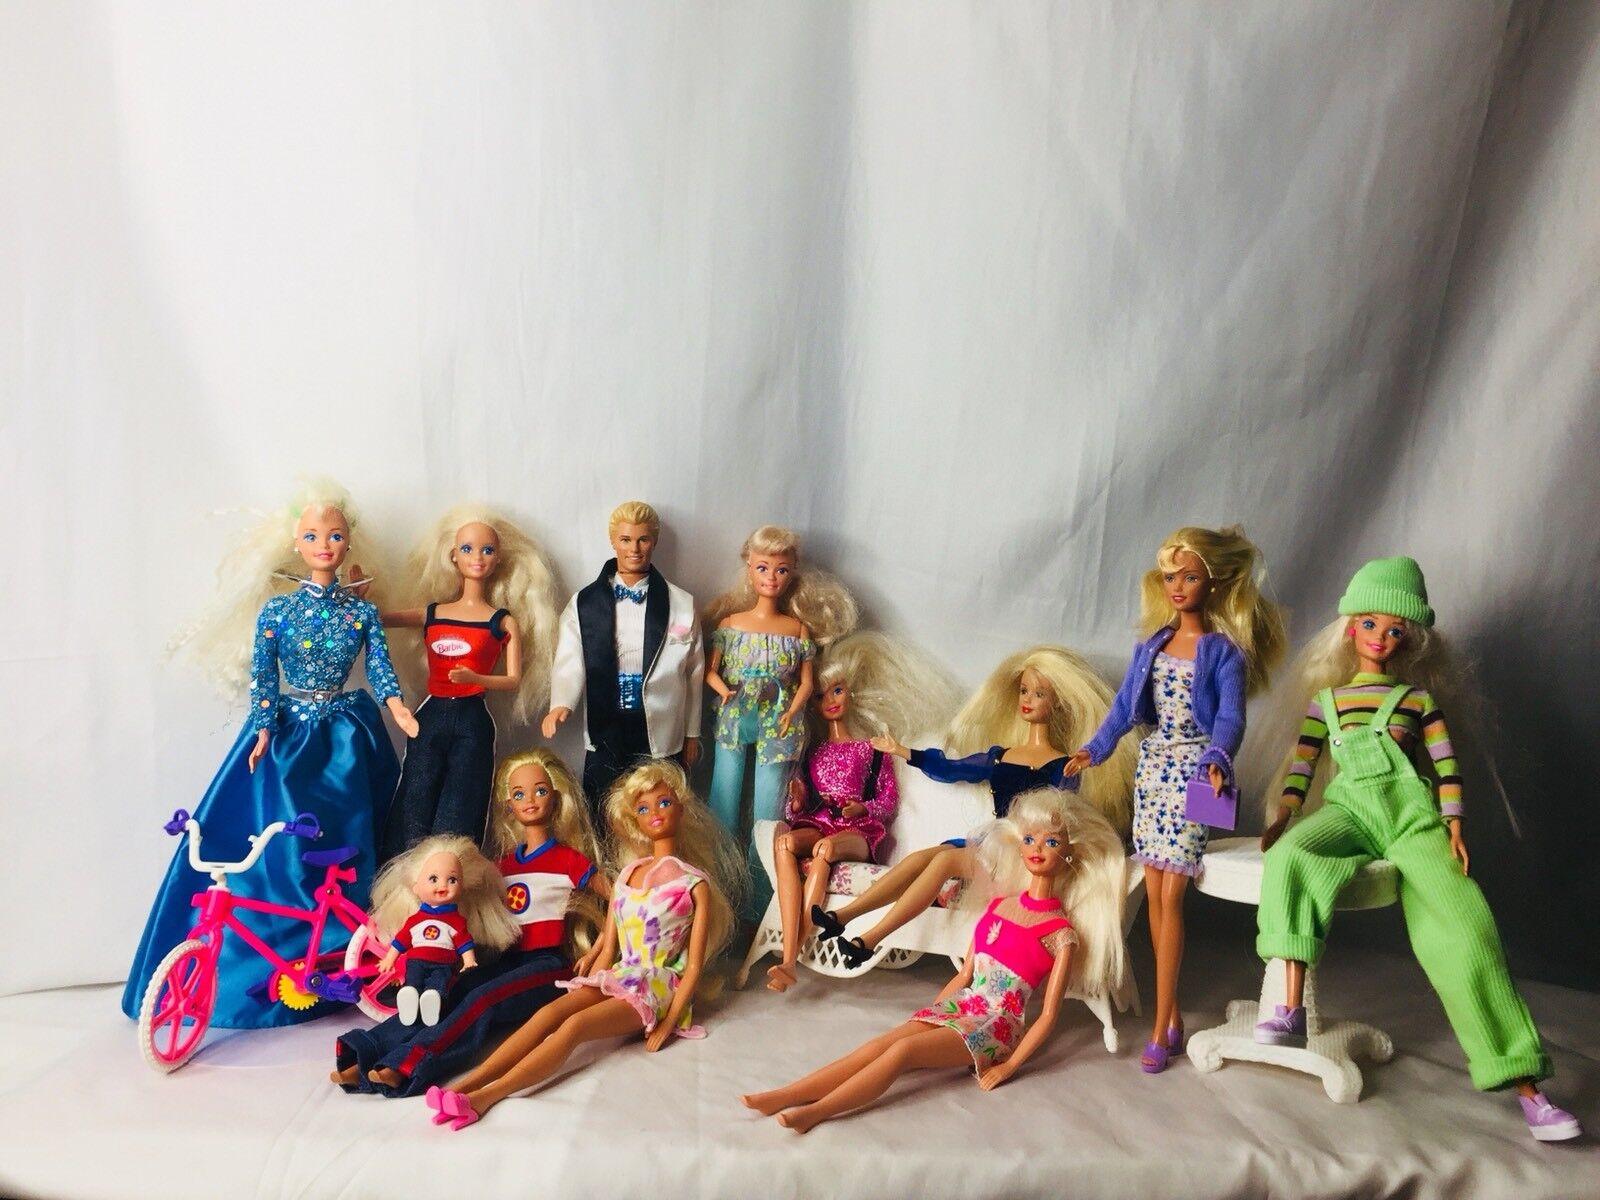 Gran Lote De Muñecas Barbie Ropa Zapatos Accesorios para Muebles-años 80 años 90